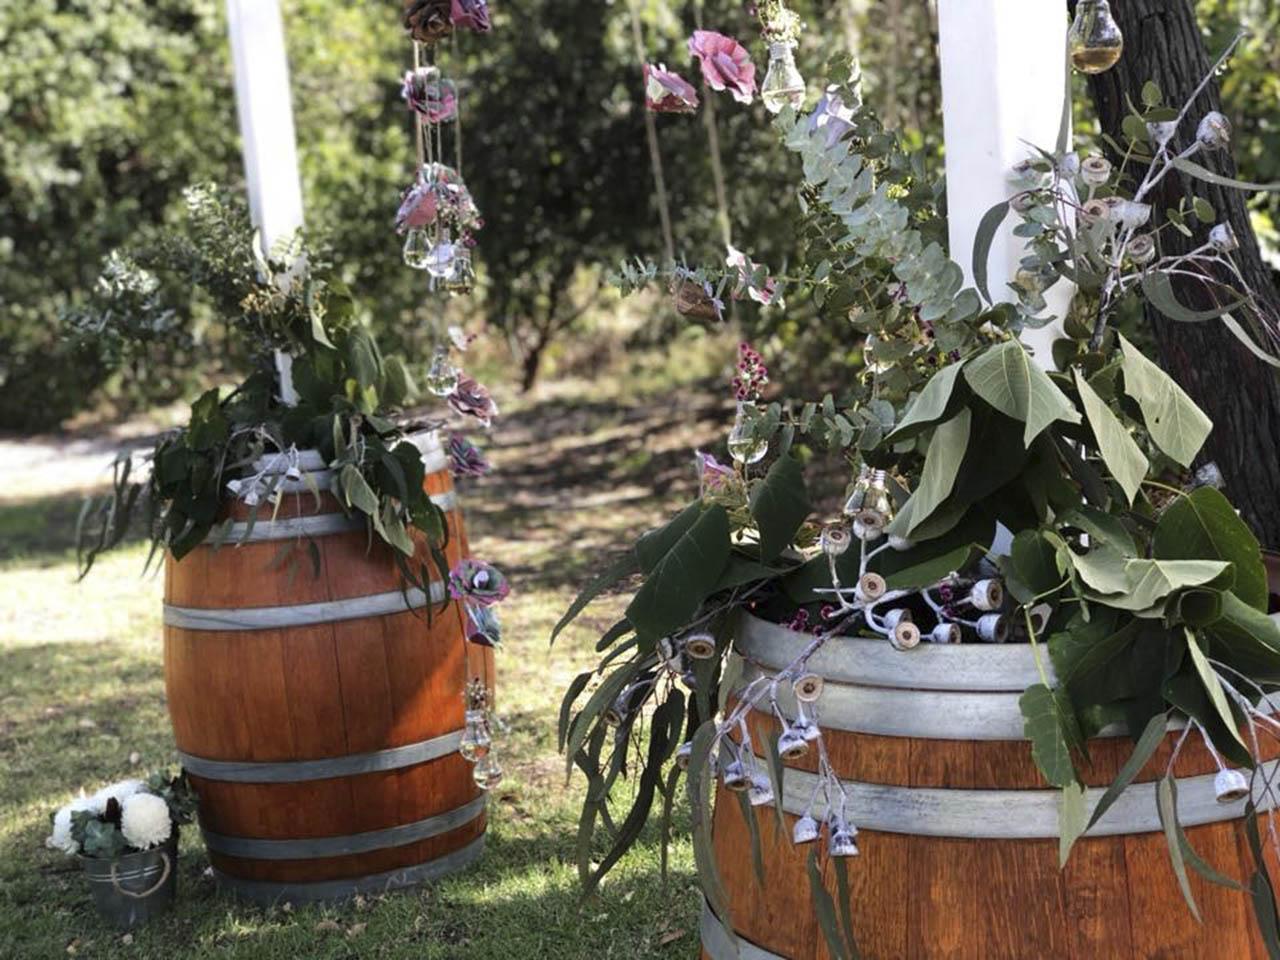 Flowers In Wine Casks